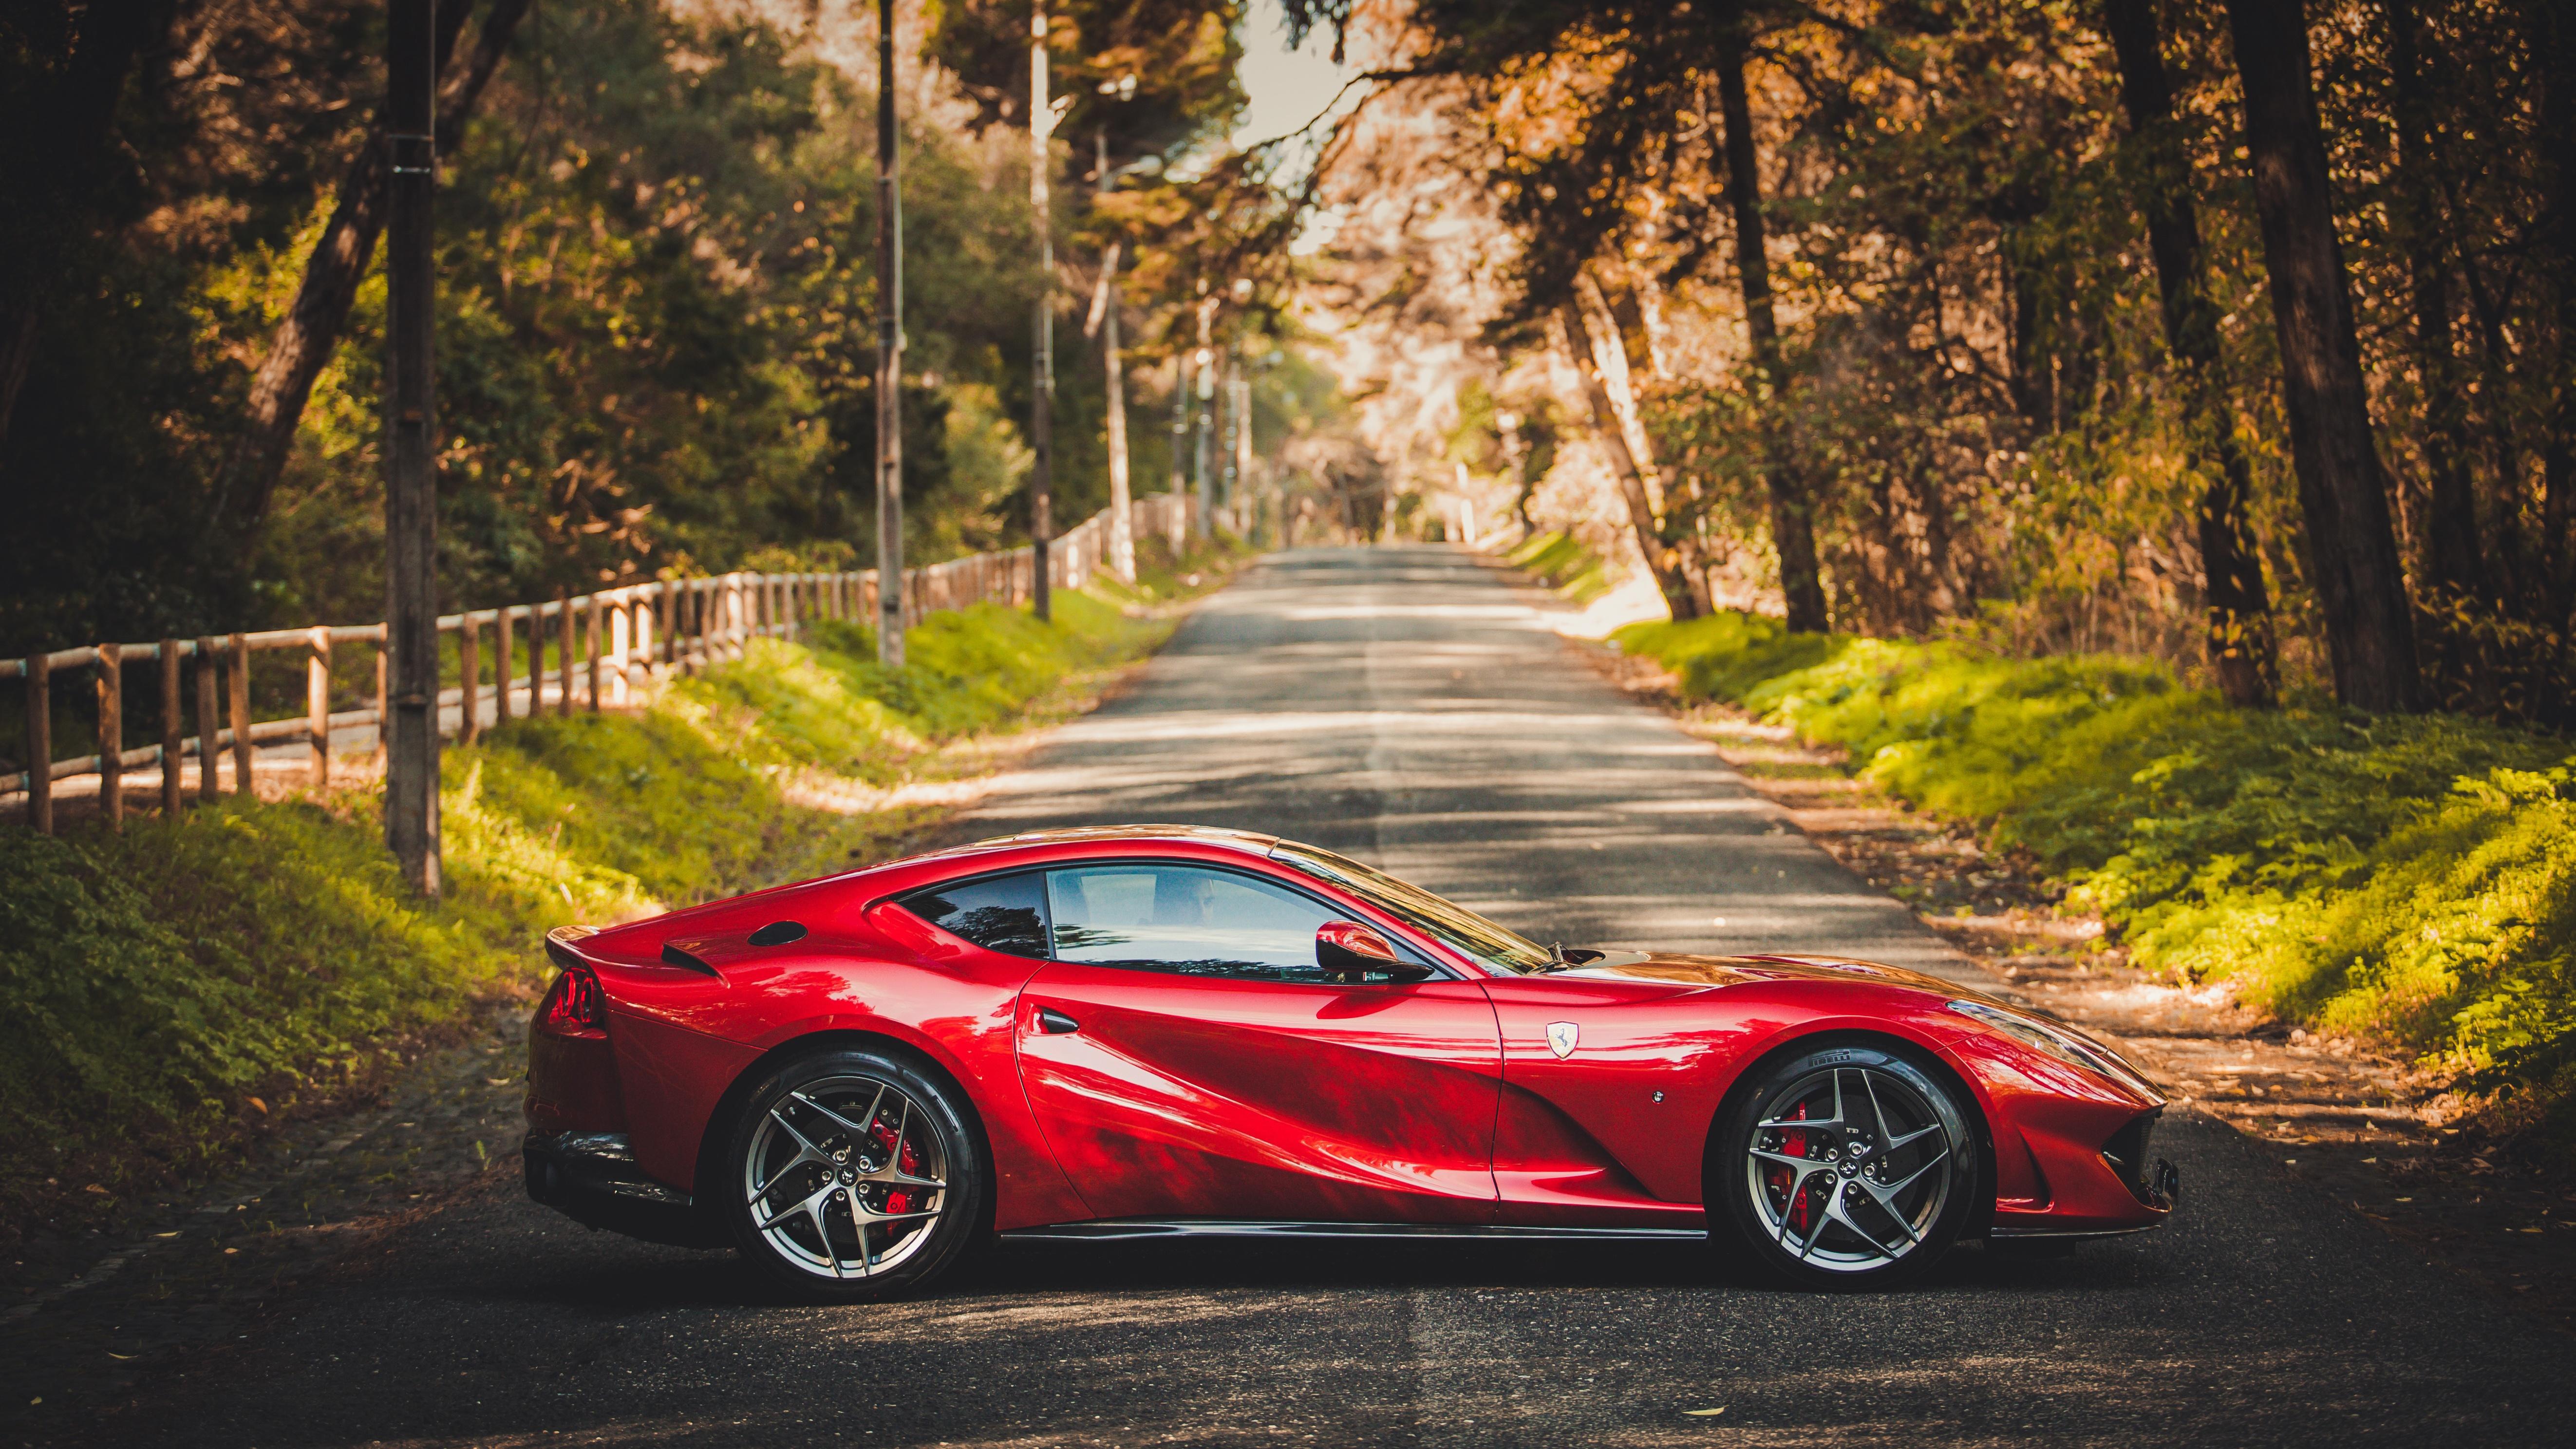 Ferrari Car Red Car Sport Car Supercar 5289x2975